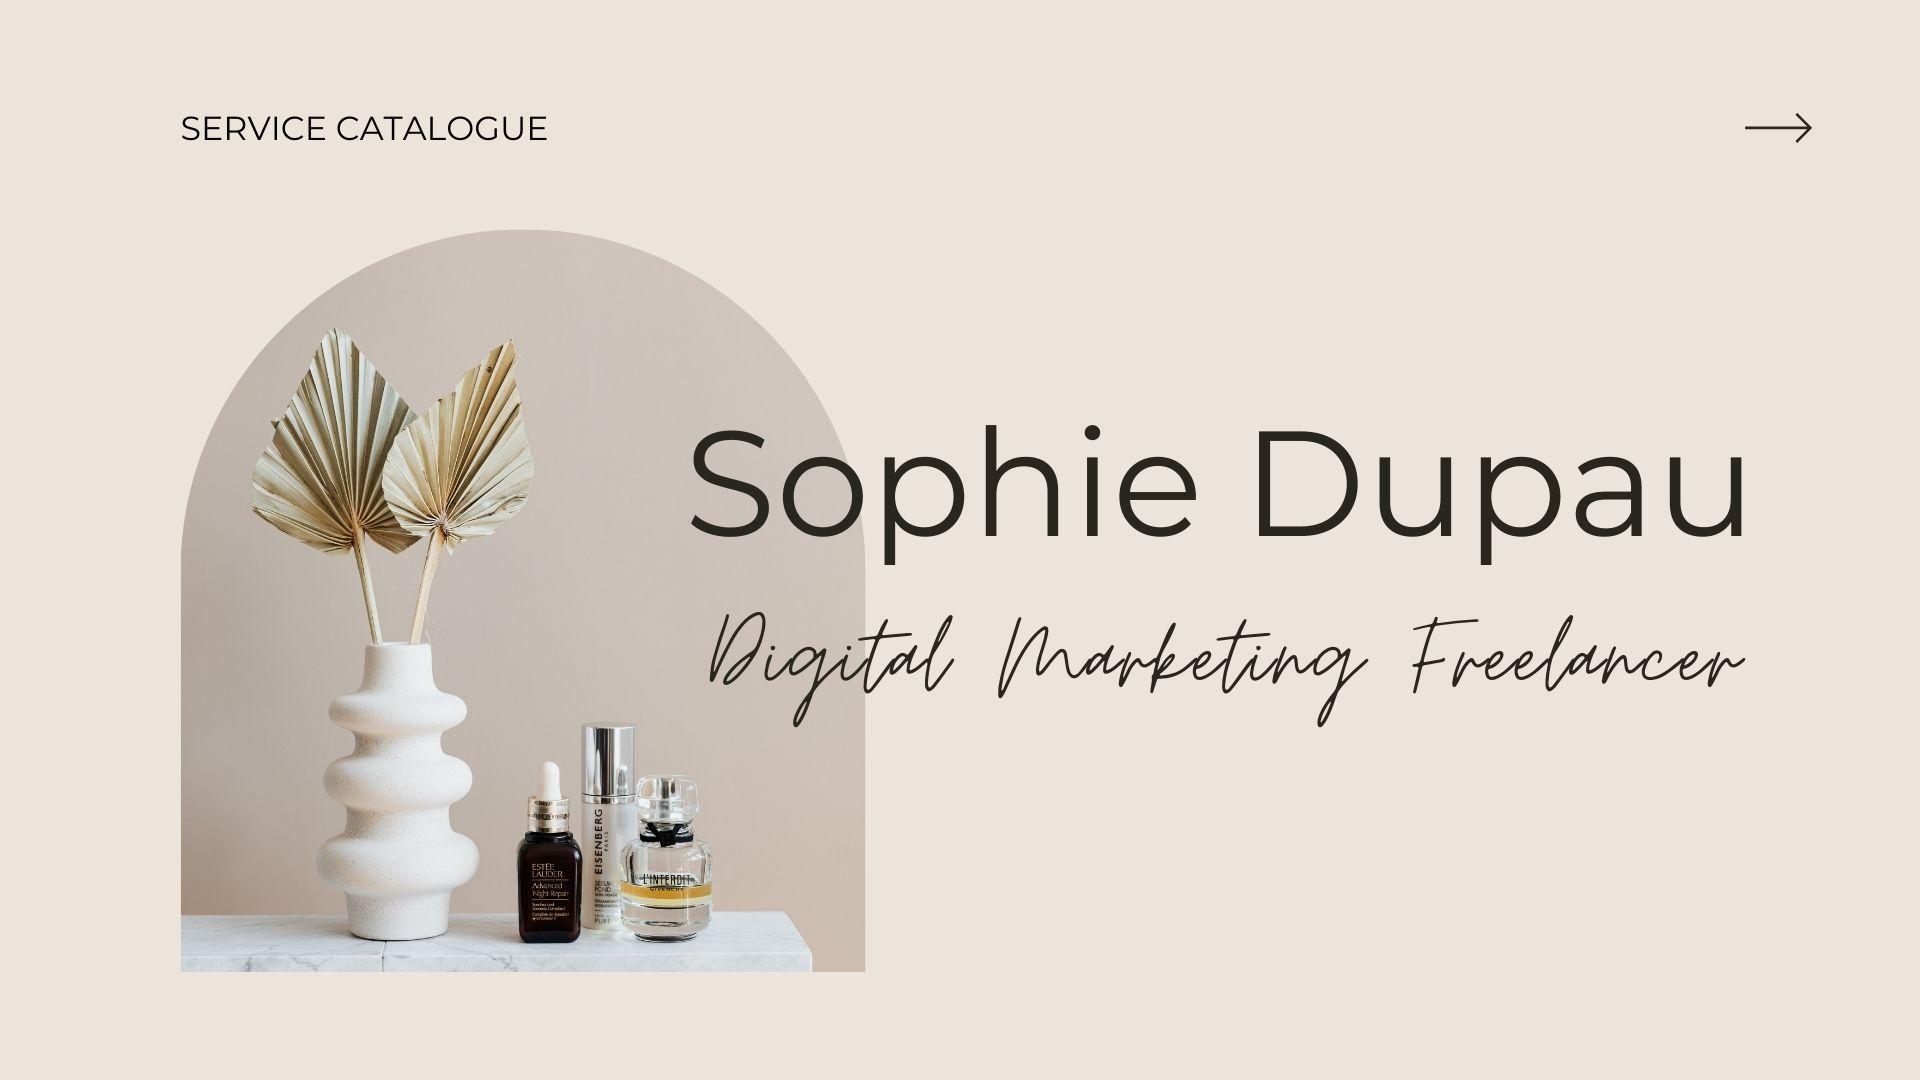 Digital Marketing Freelancer